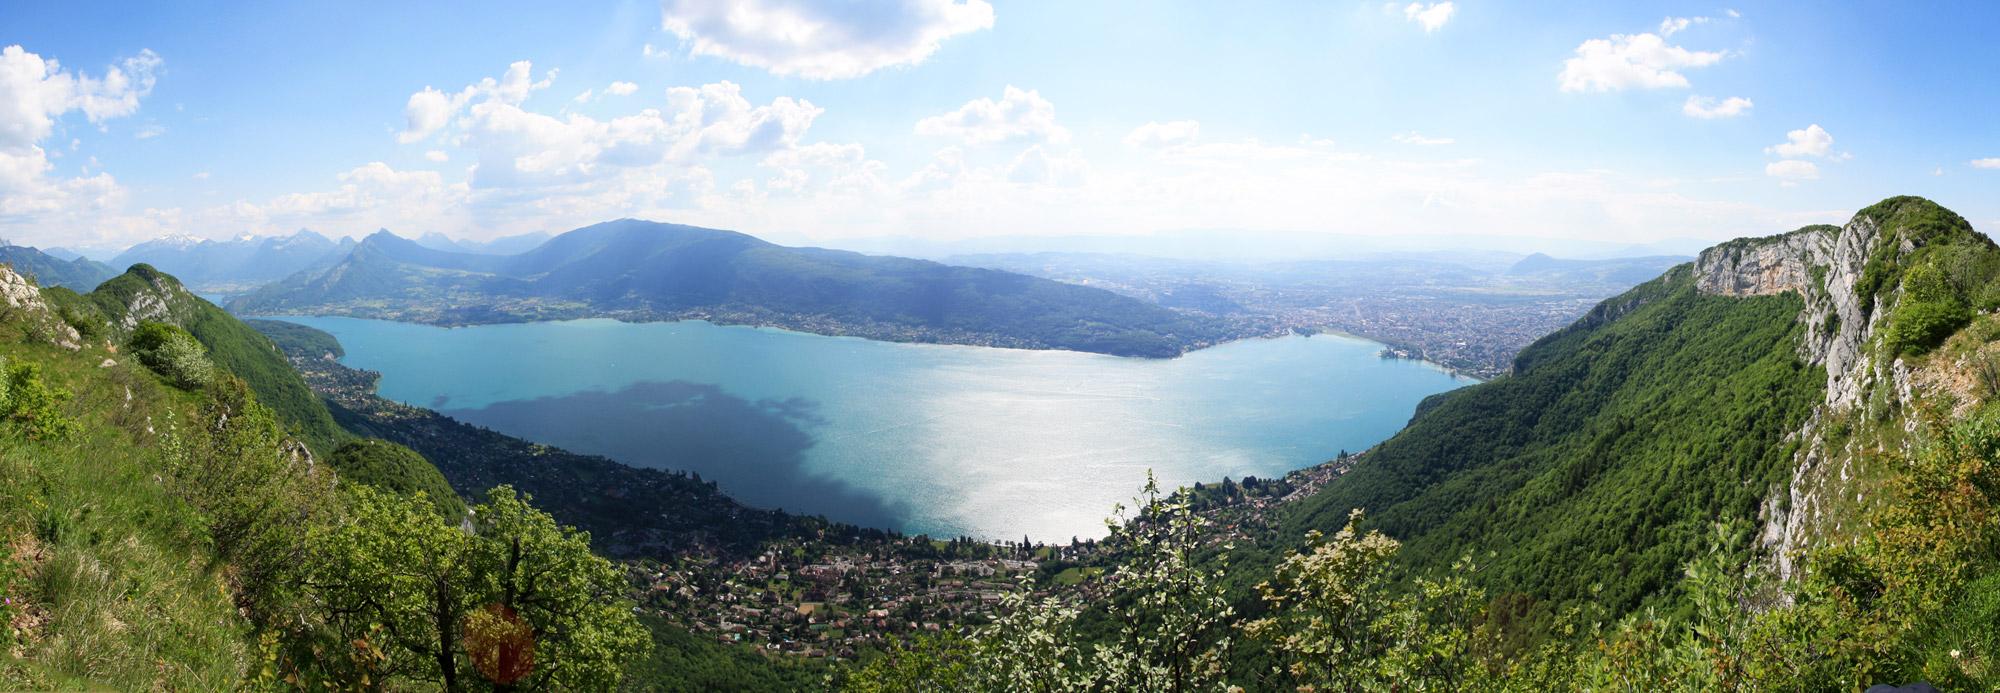 Le Lac d'Annecy depuis le Mont Baron